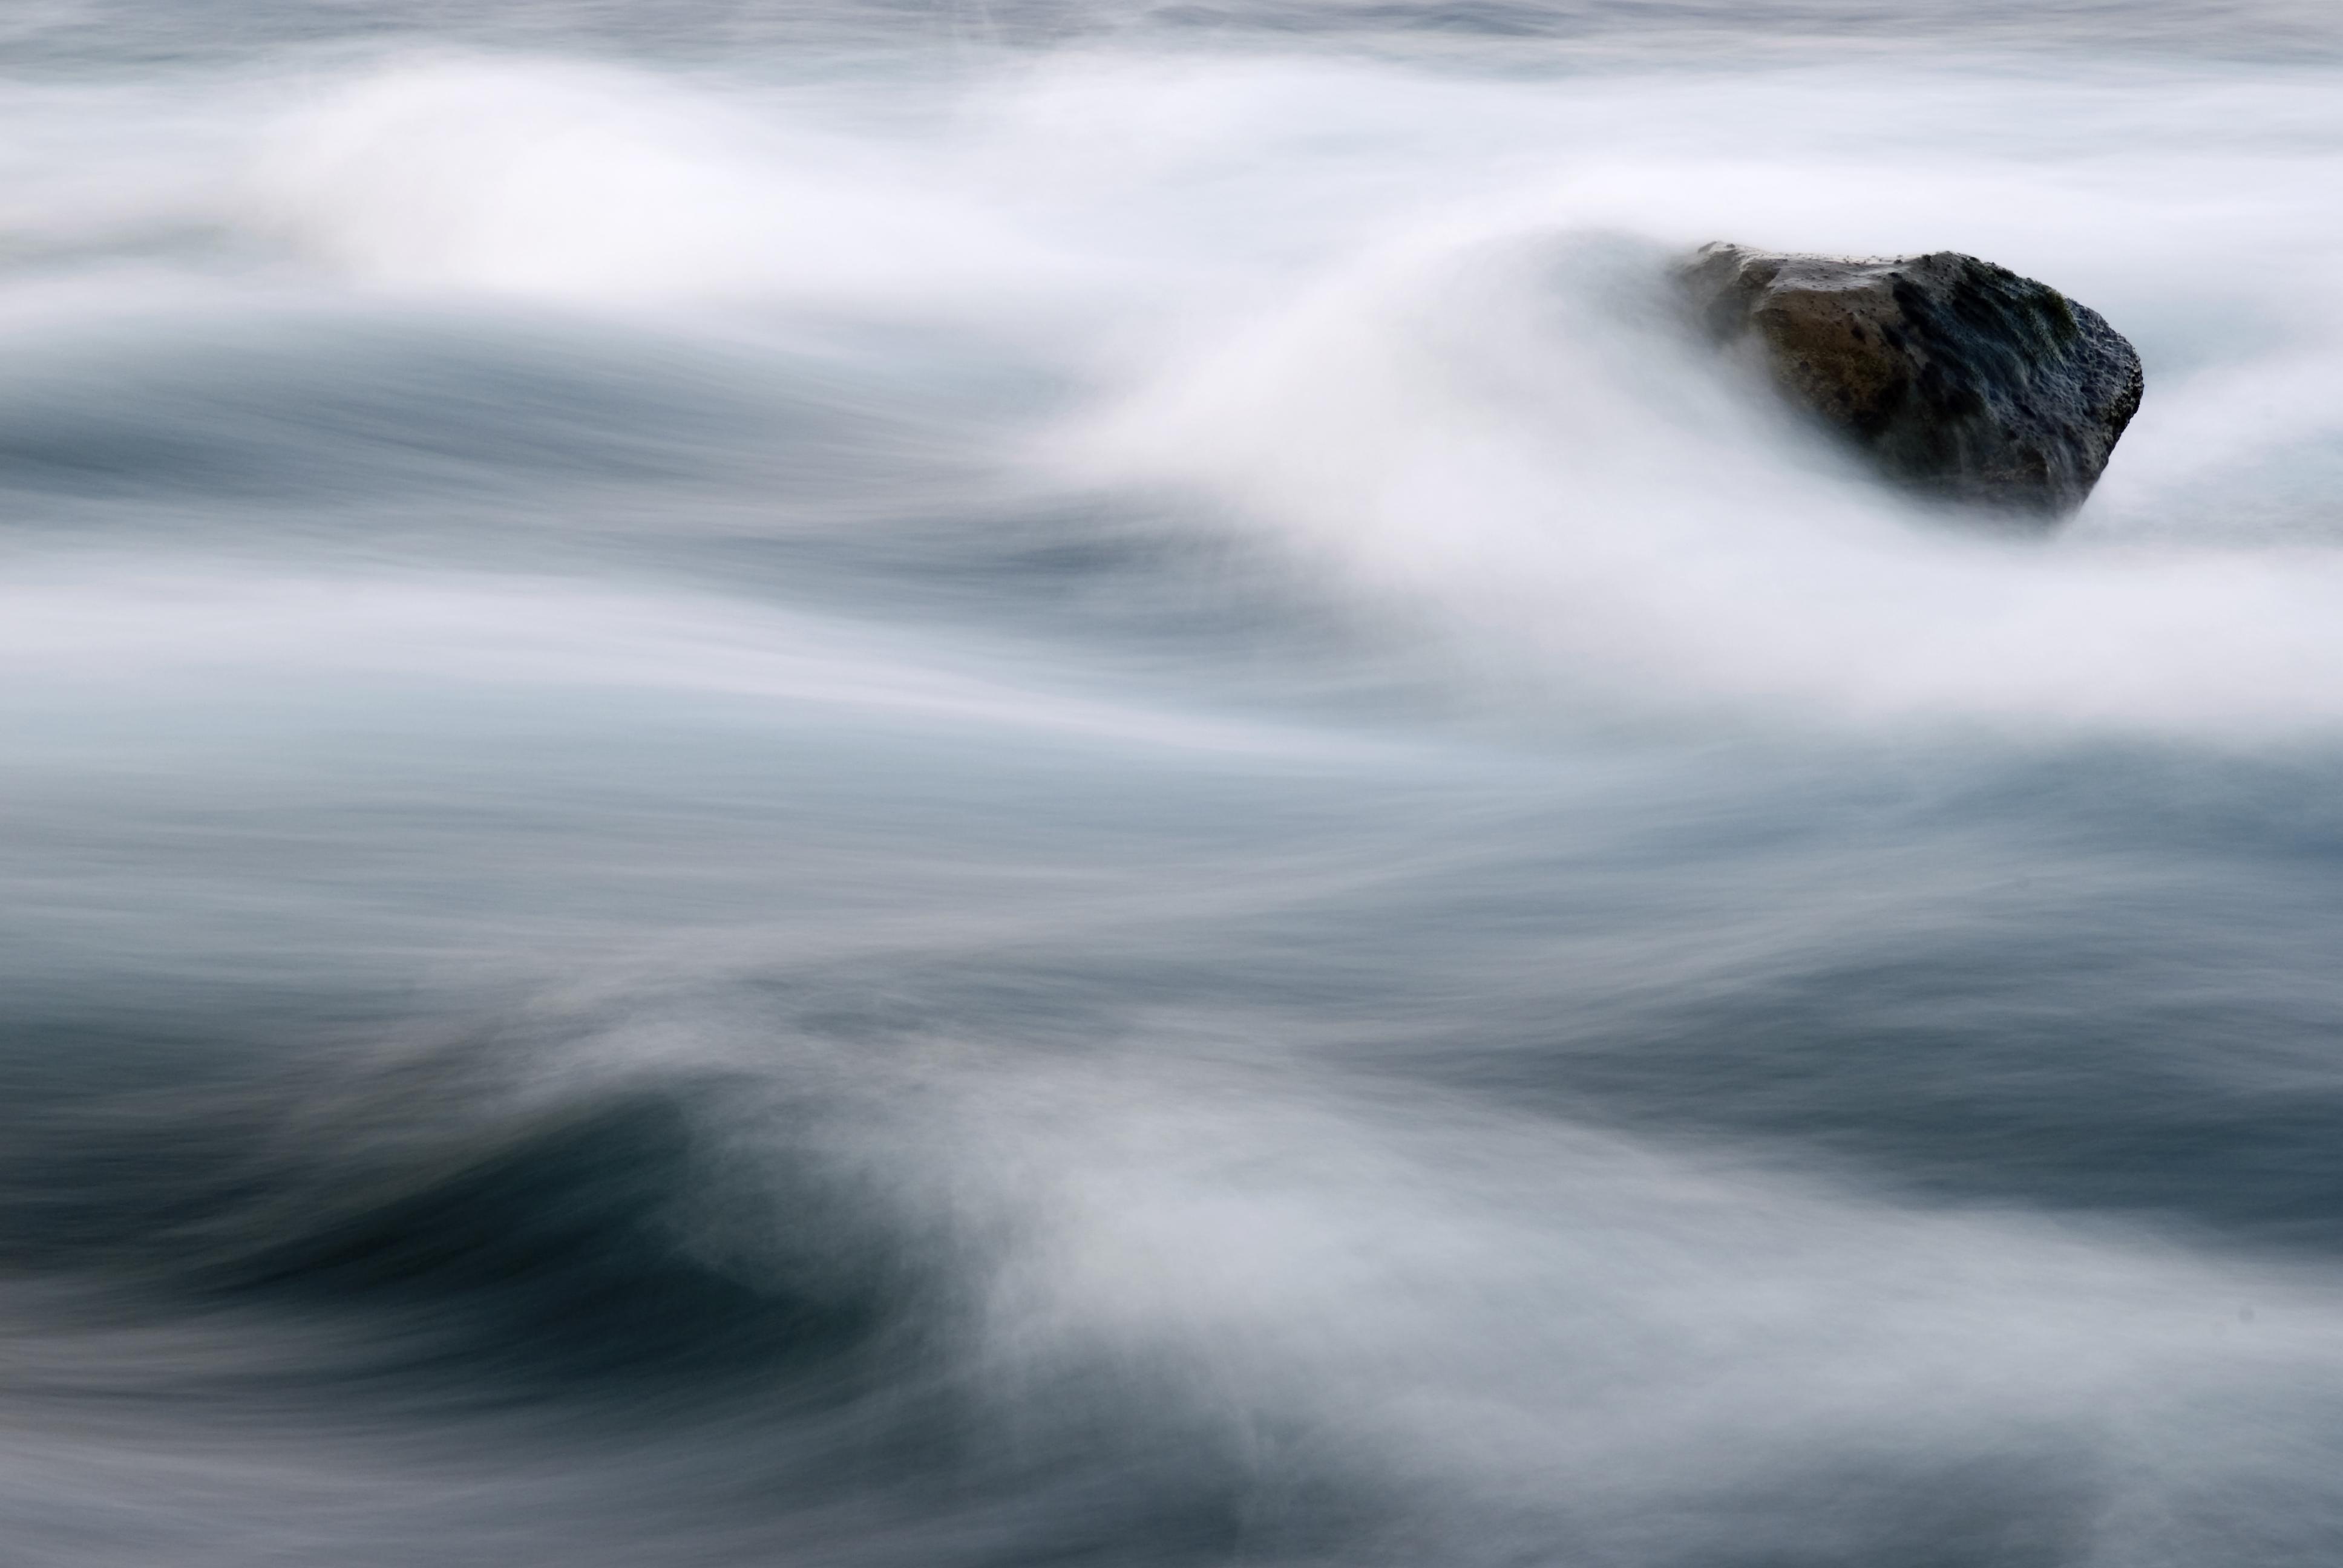 Nebel auf Wasser